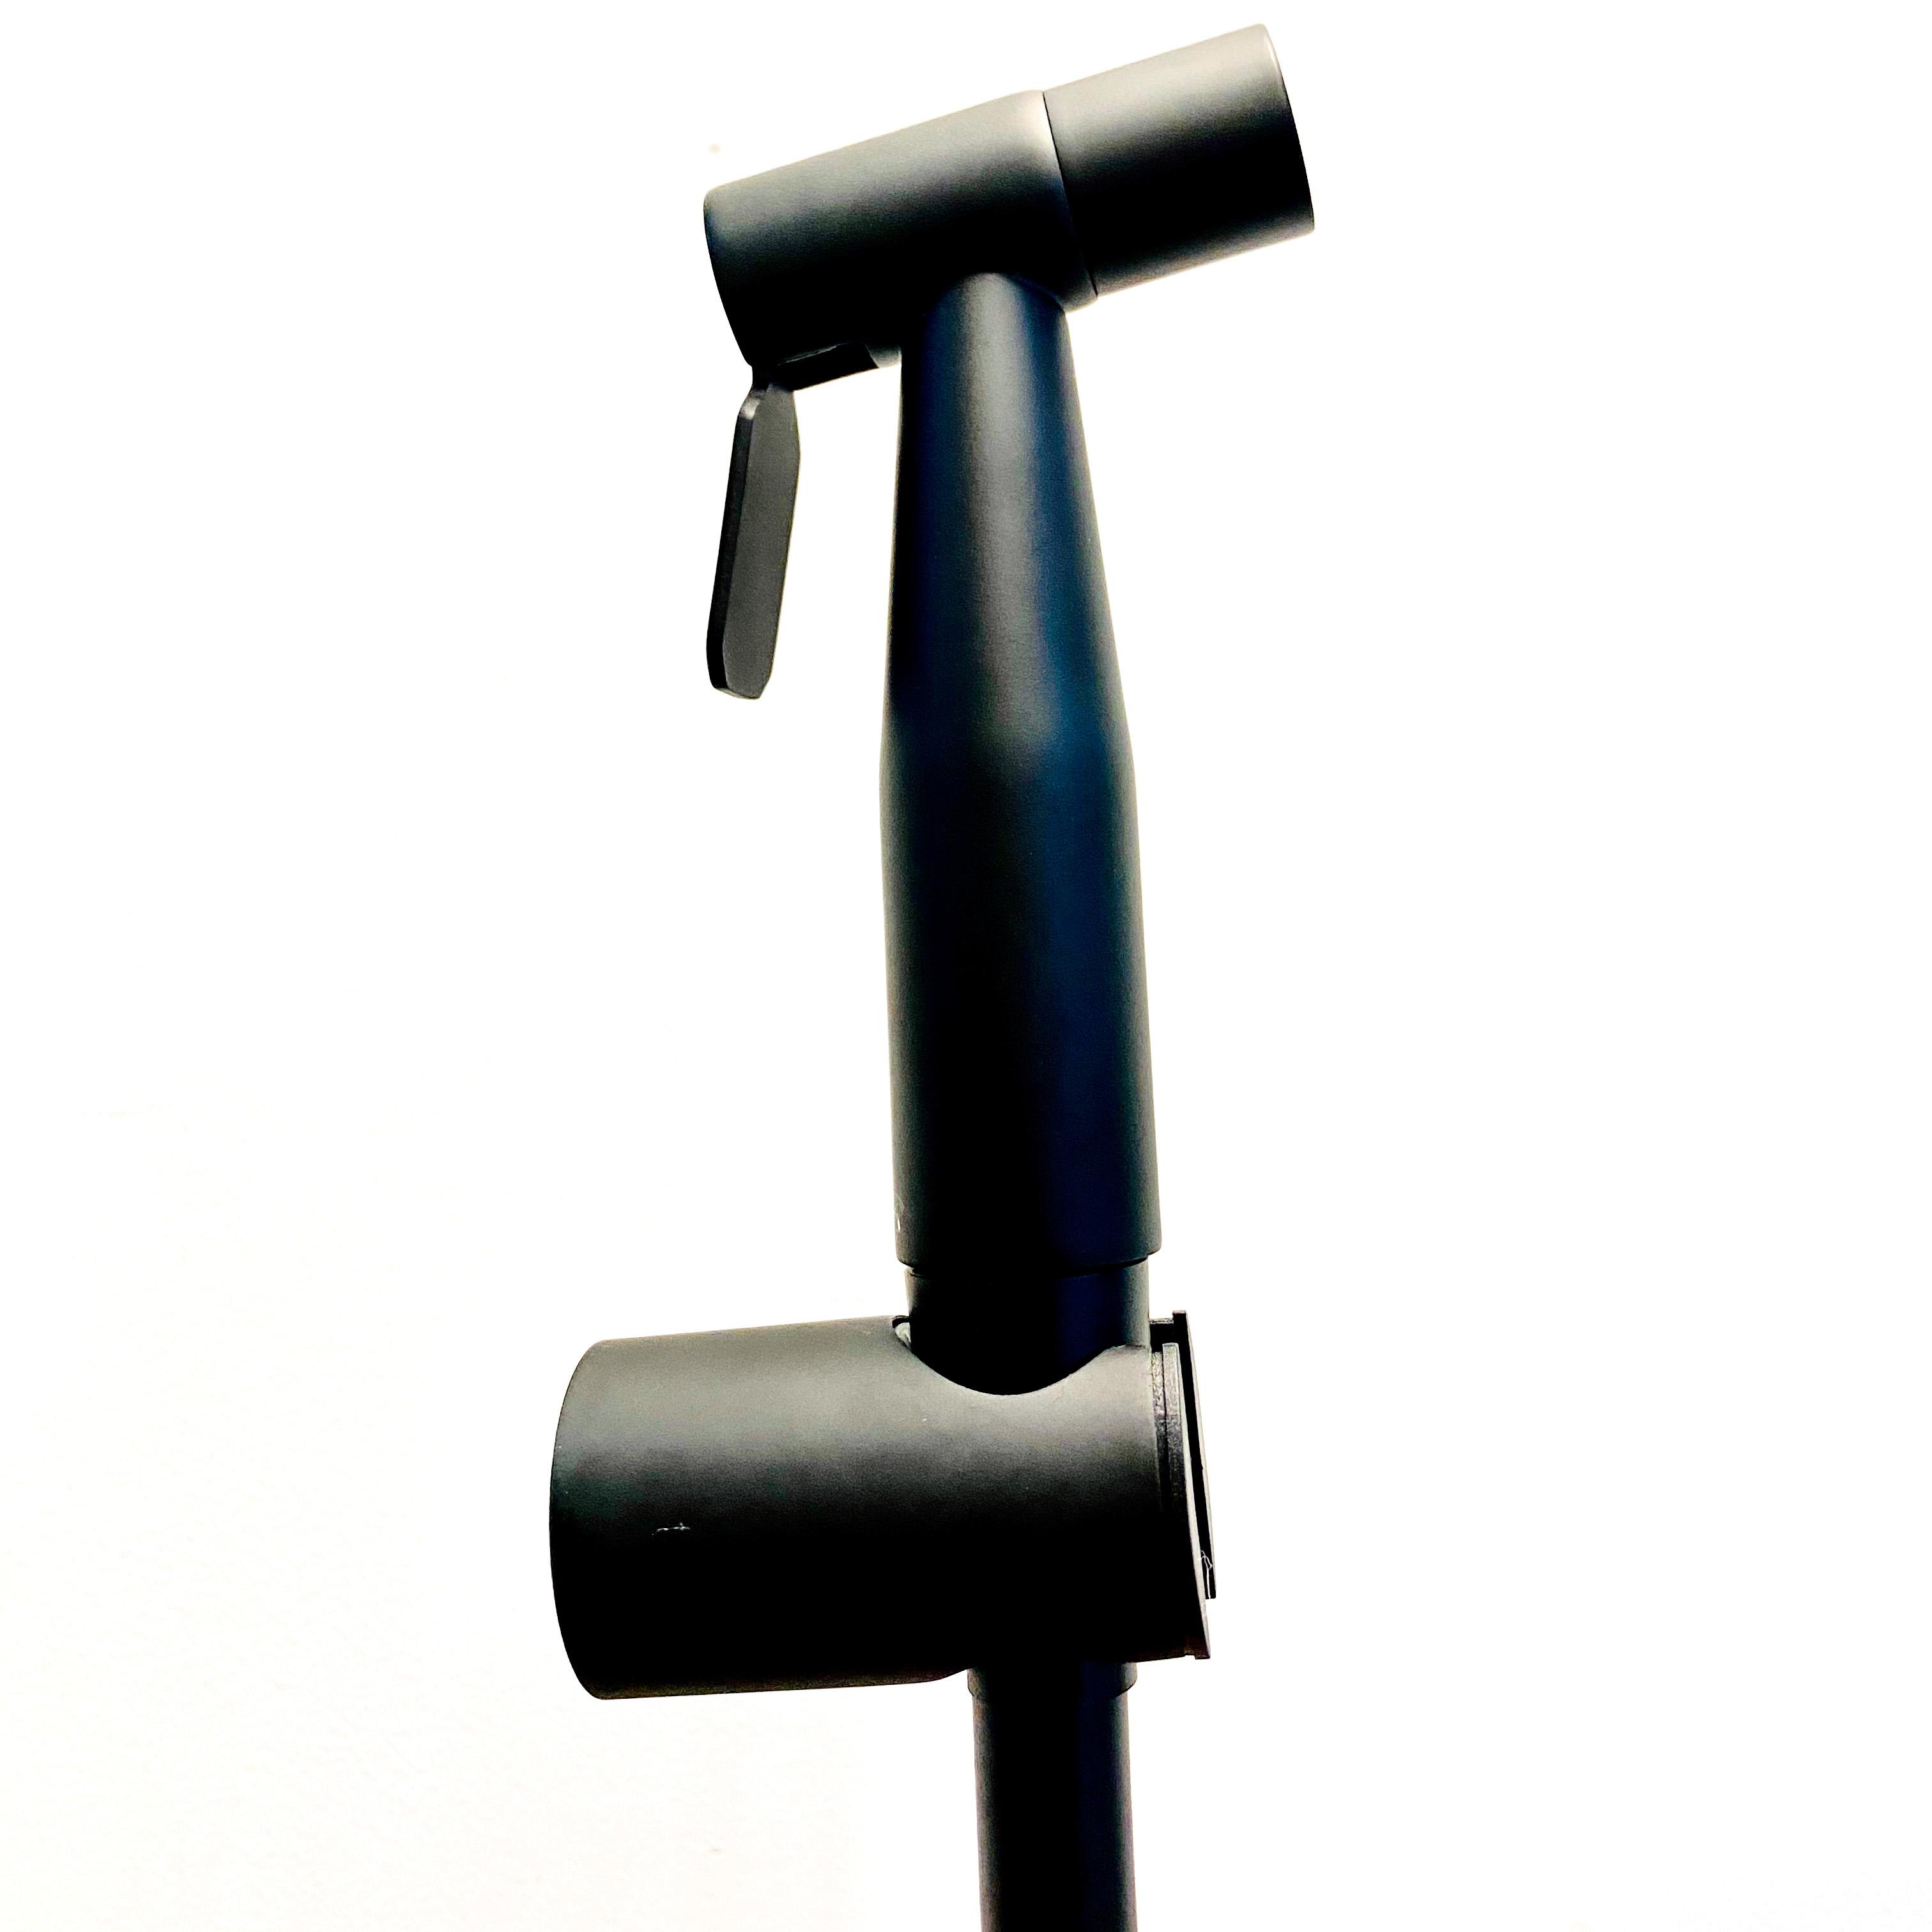 ชุดสายฉีดอเนกประสงค์แสตนเลส 304 พ่นสีดำ  LJ-P080A-2A